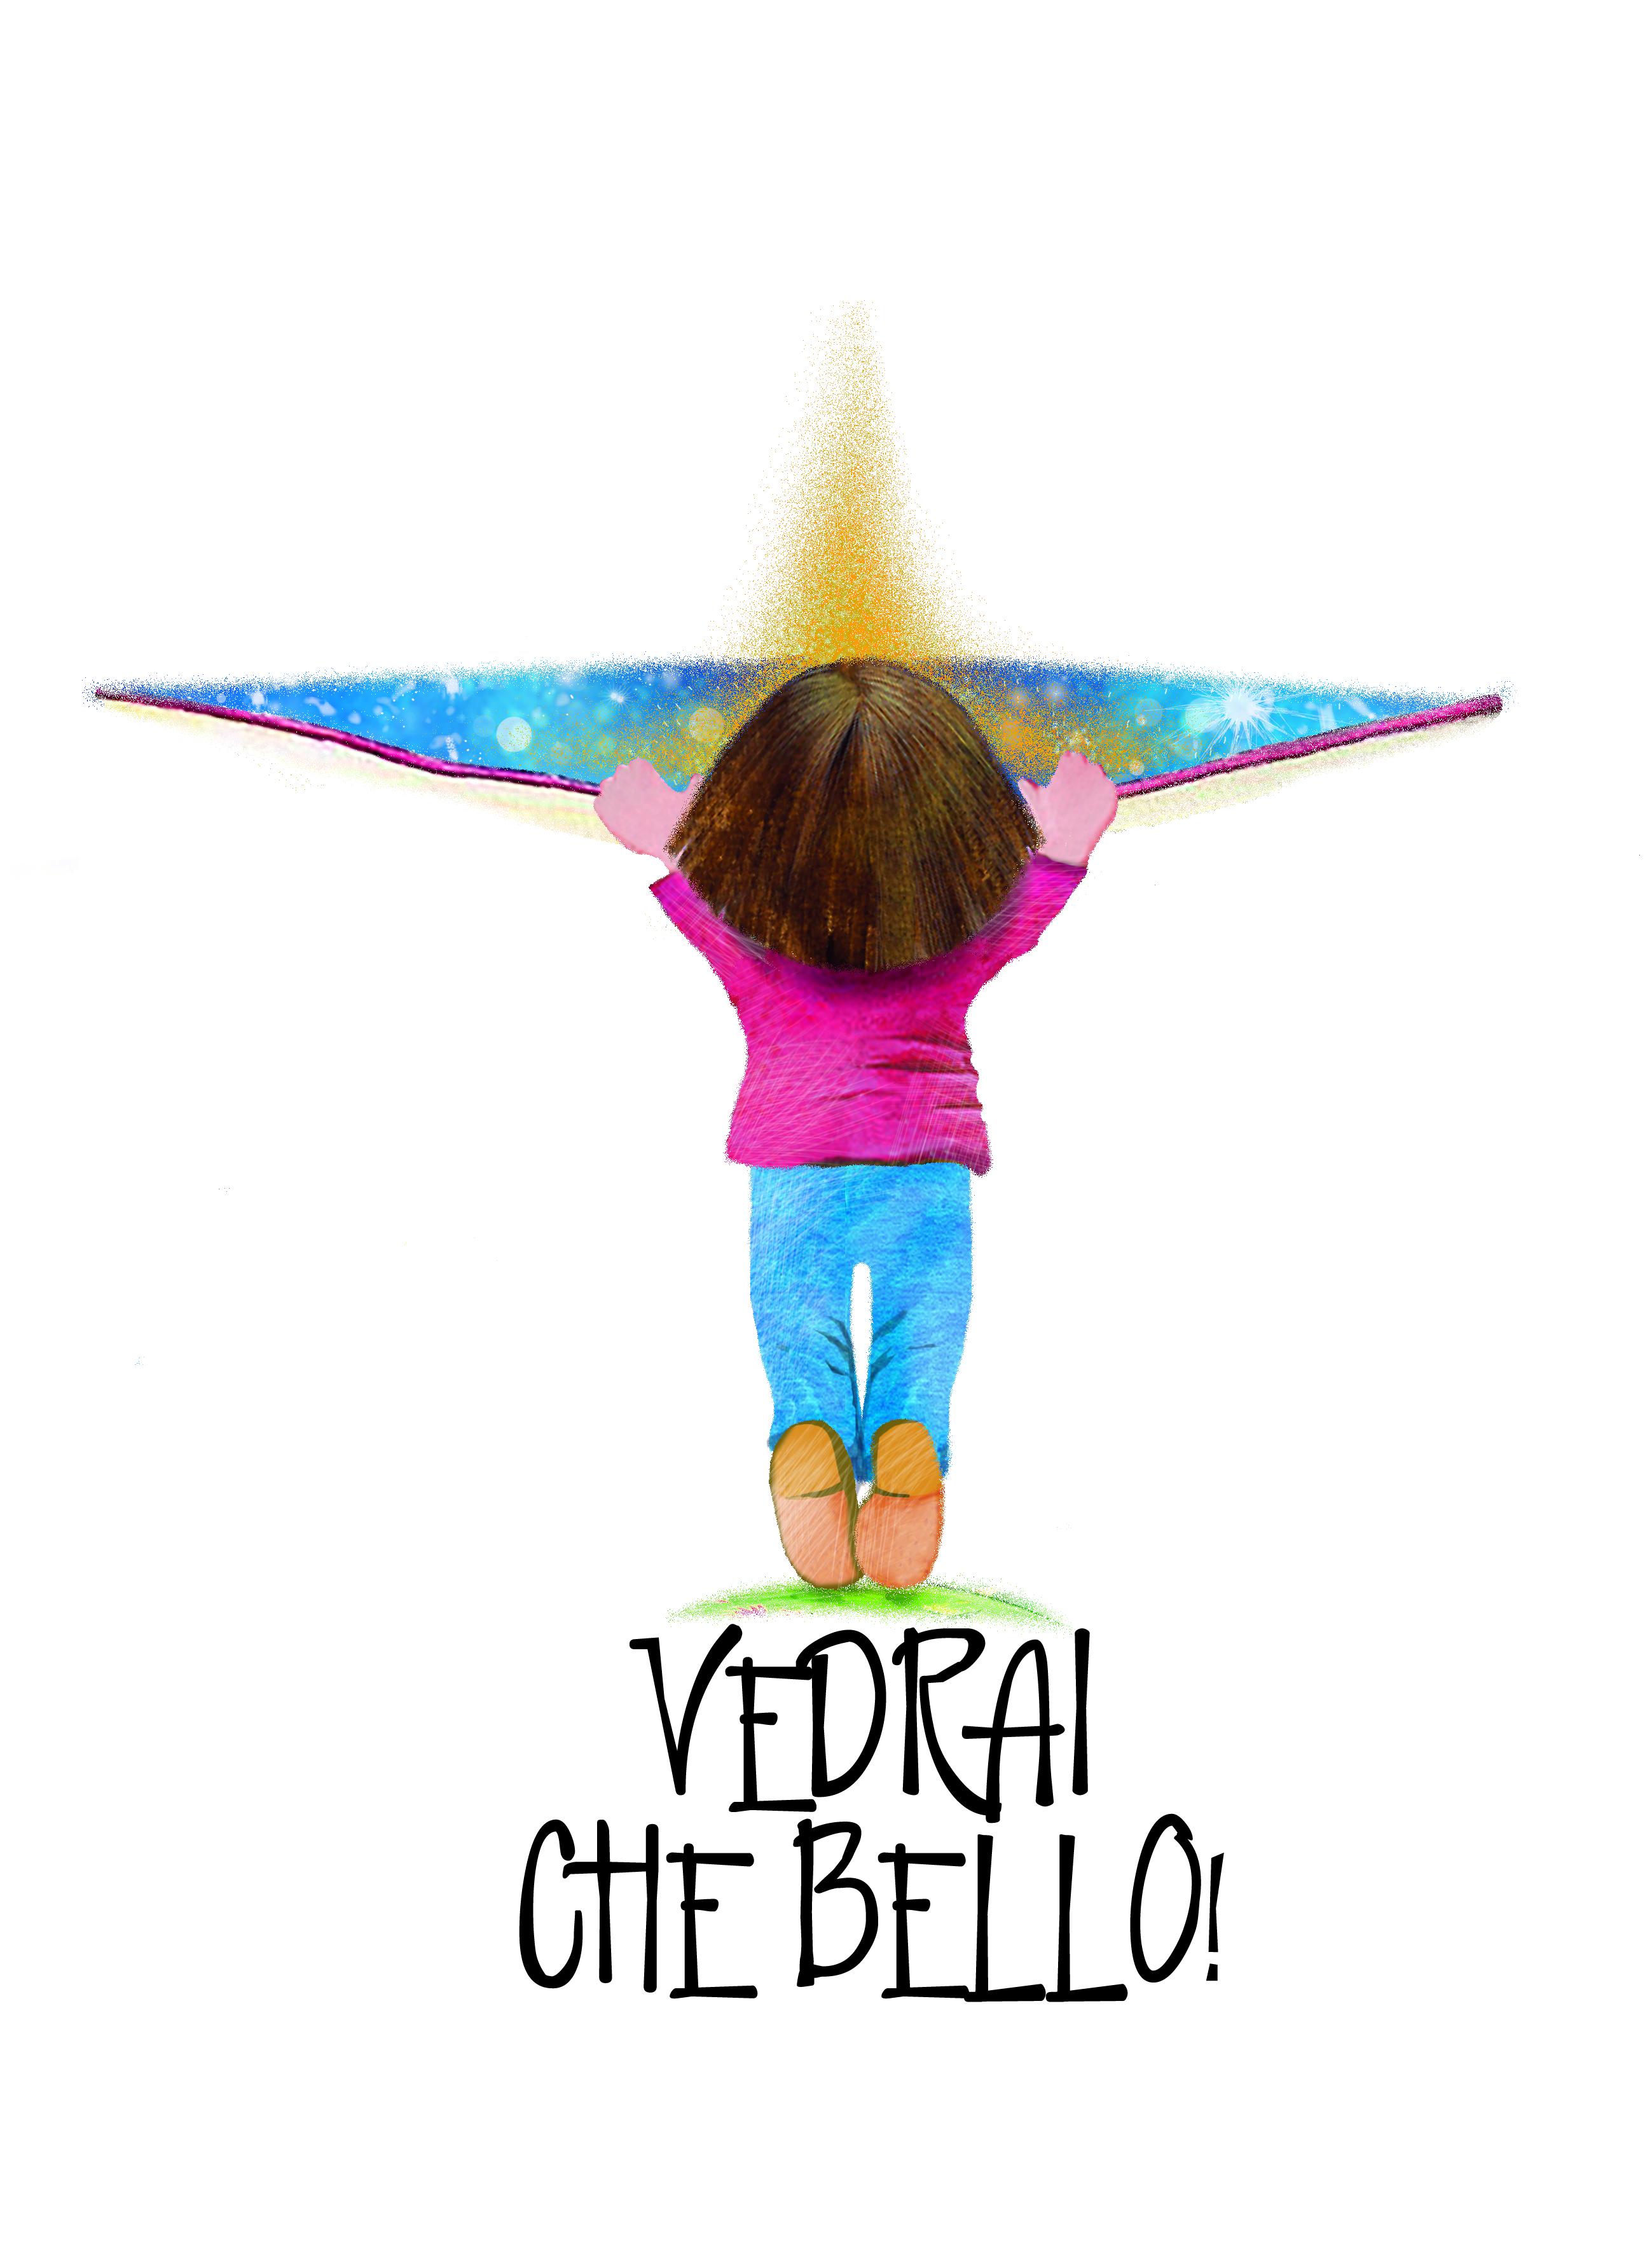 logo VEDRAI CHE BELLO